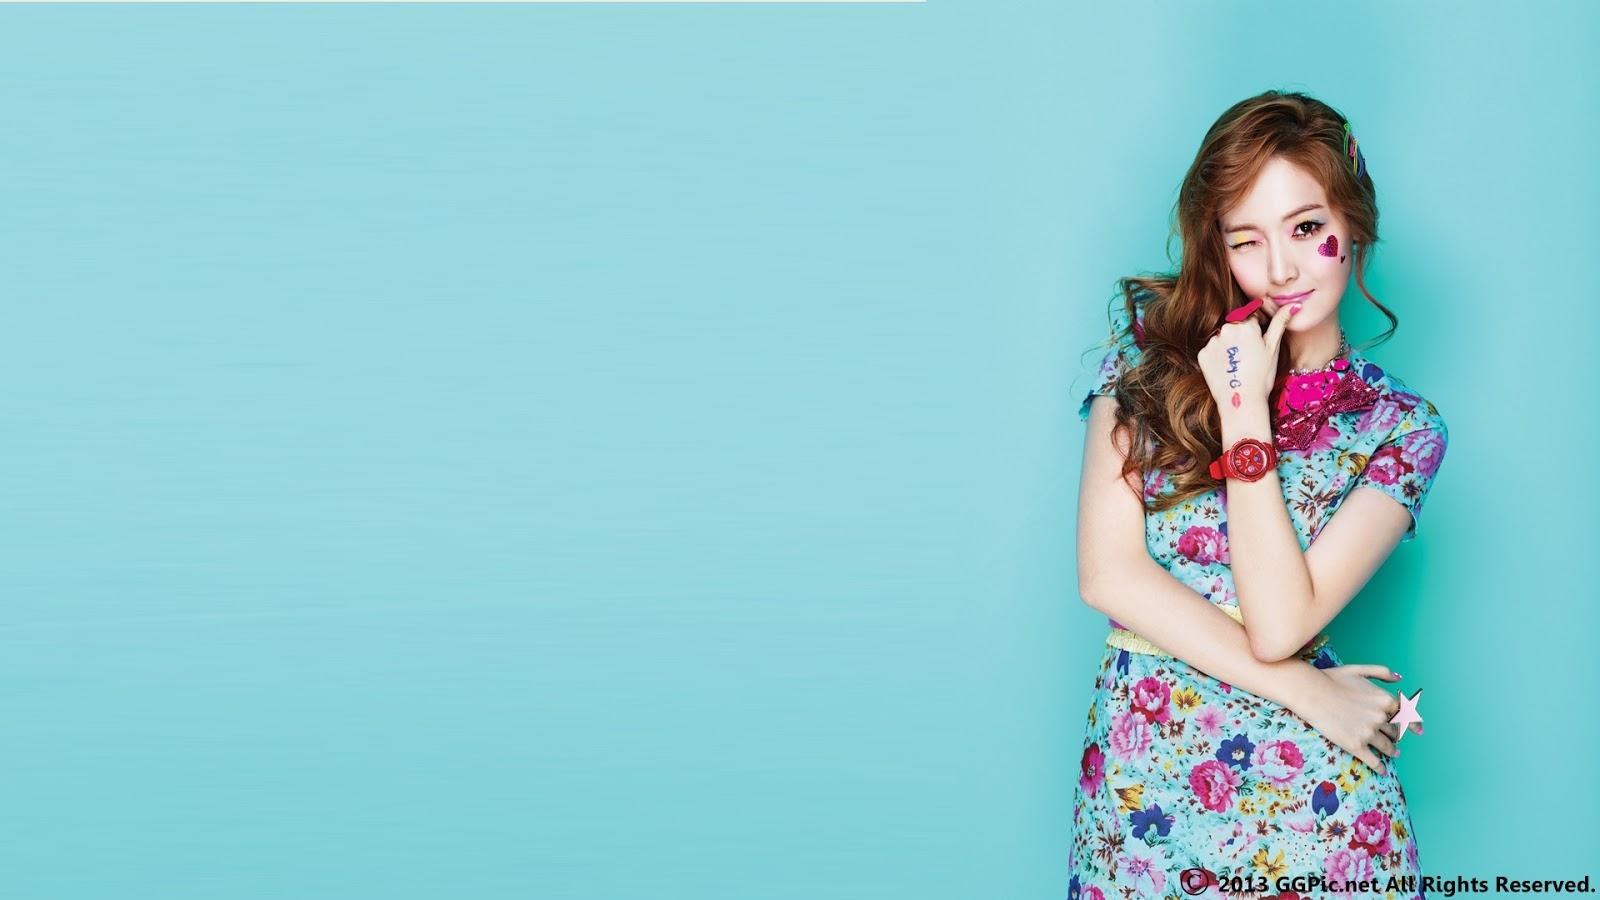 Jessica ciuman Me Baby-G oleh Casio